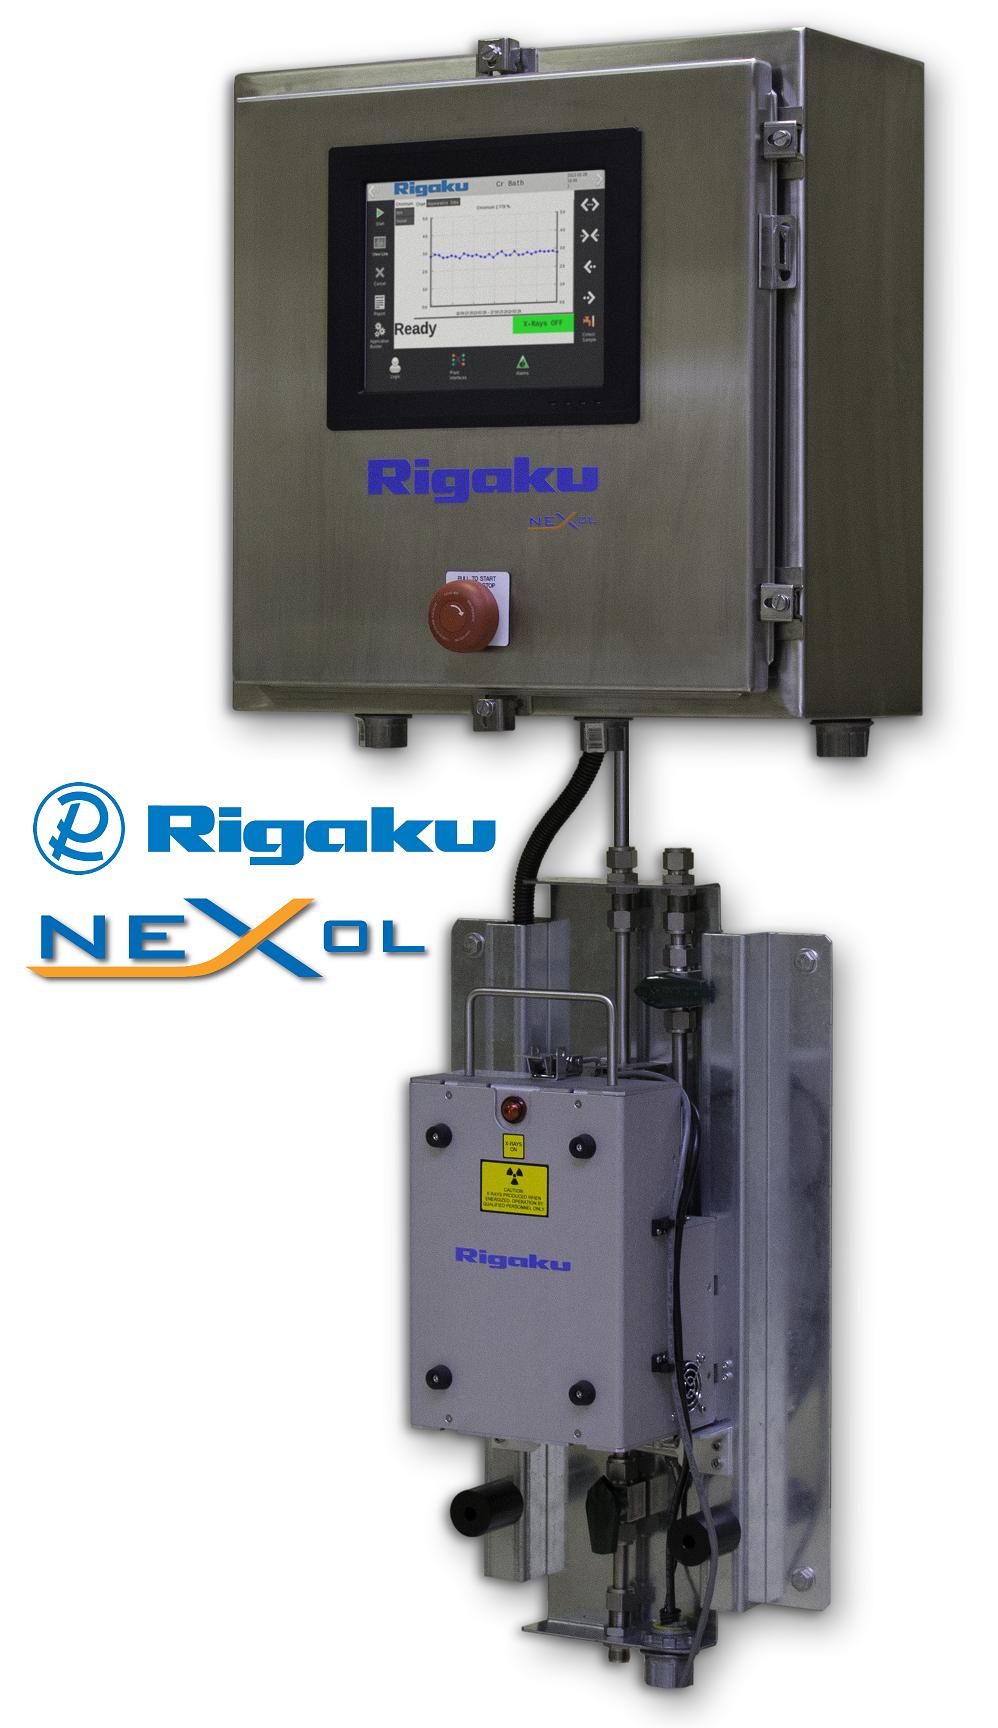 On Line Analyzer : Rigaku nex ol on line process elemental analyzer is